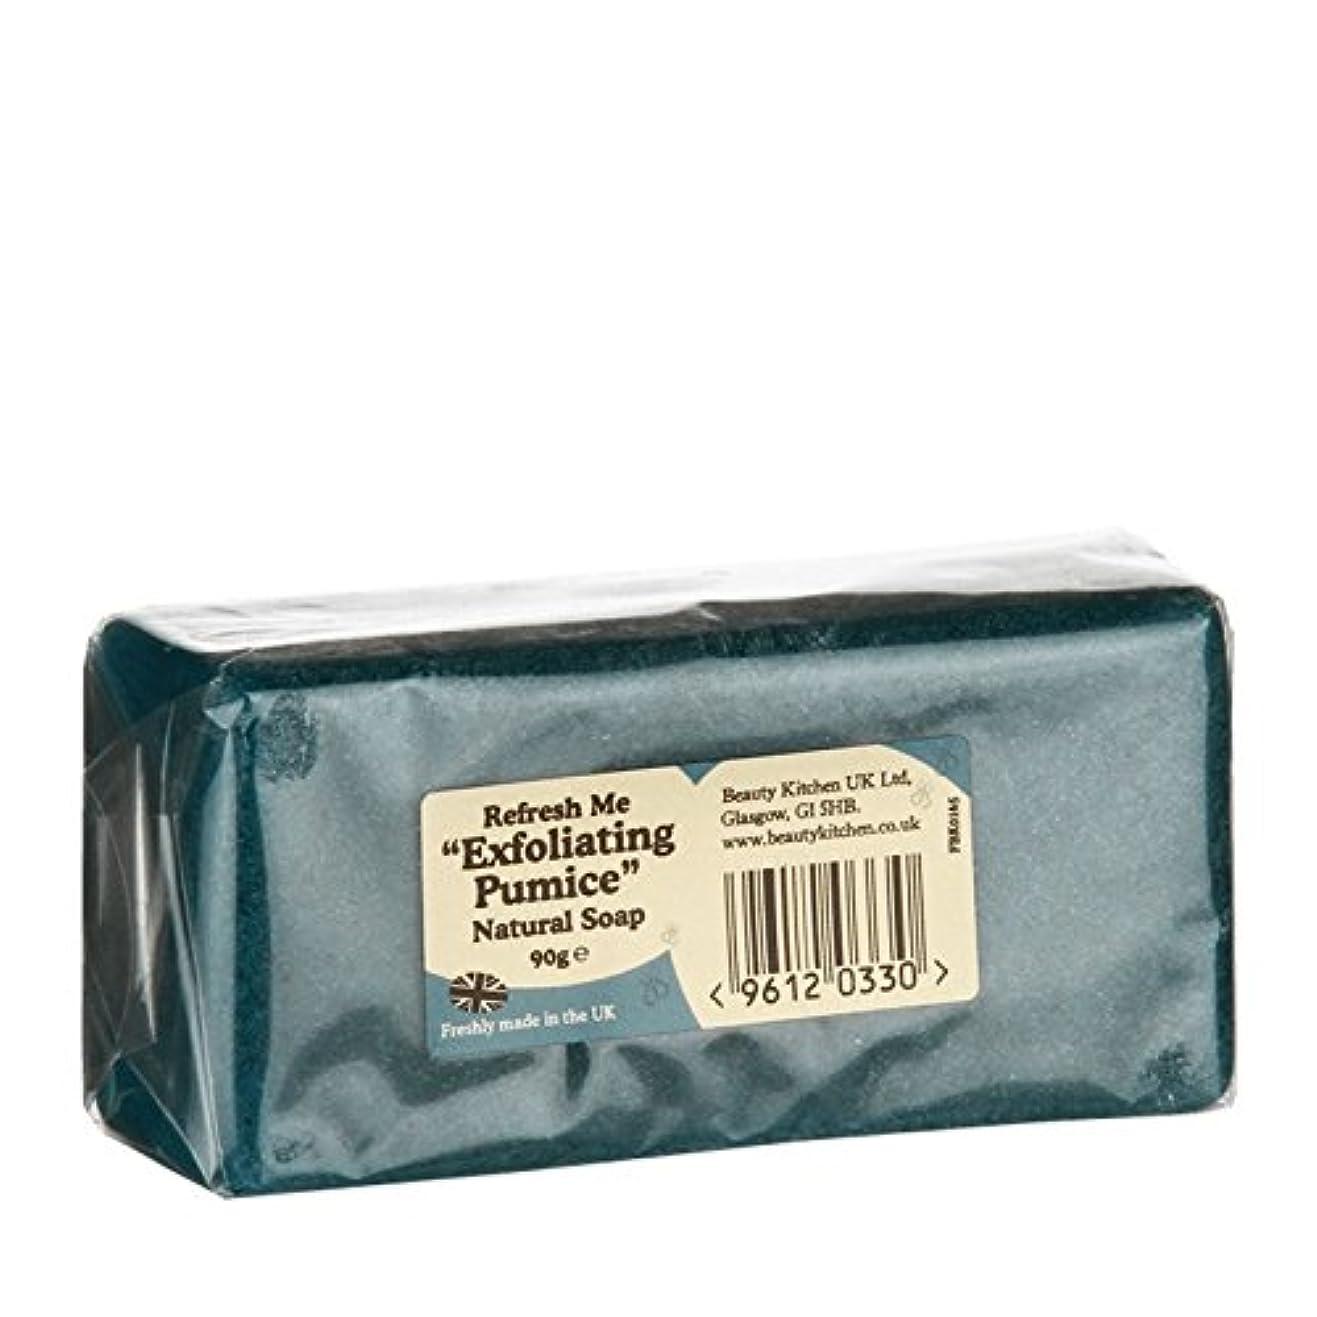 入場キャプテンベアリングサークル美しさのキッチンは、軽石の天然石鹸90グラムを剥離私をリフレッシュ - Beauty Kitchen Refresh Me Exfoliating Pumice Natural Soap 90g (Beauty Kitchen) [並行輸入品]